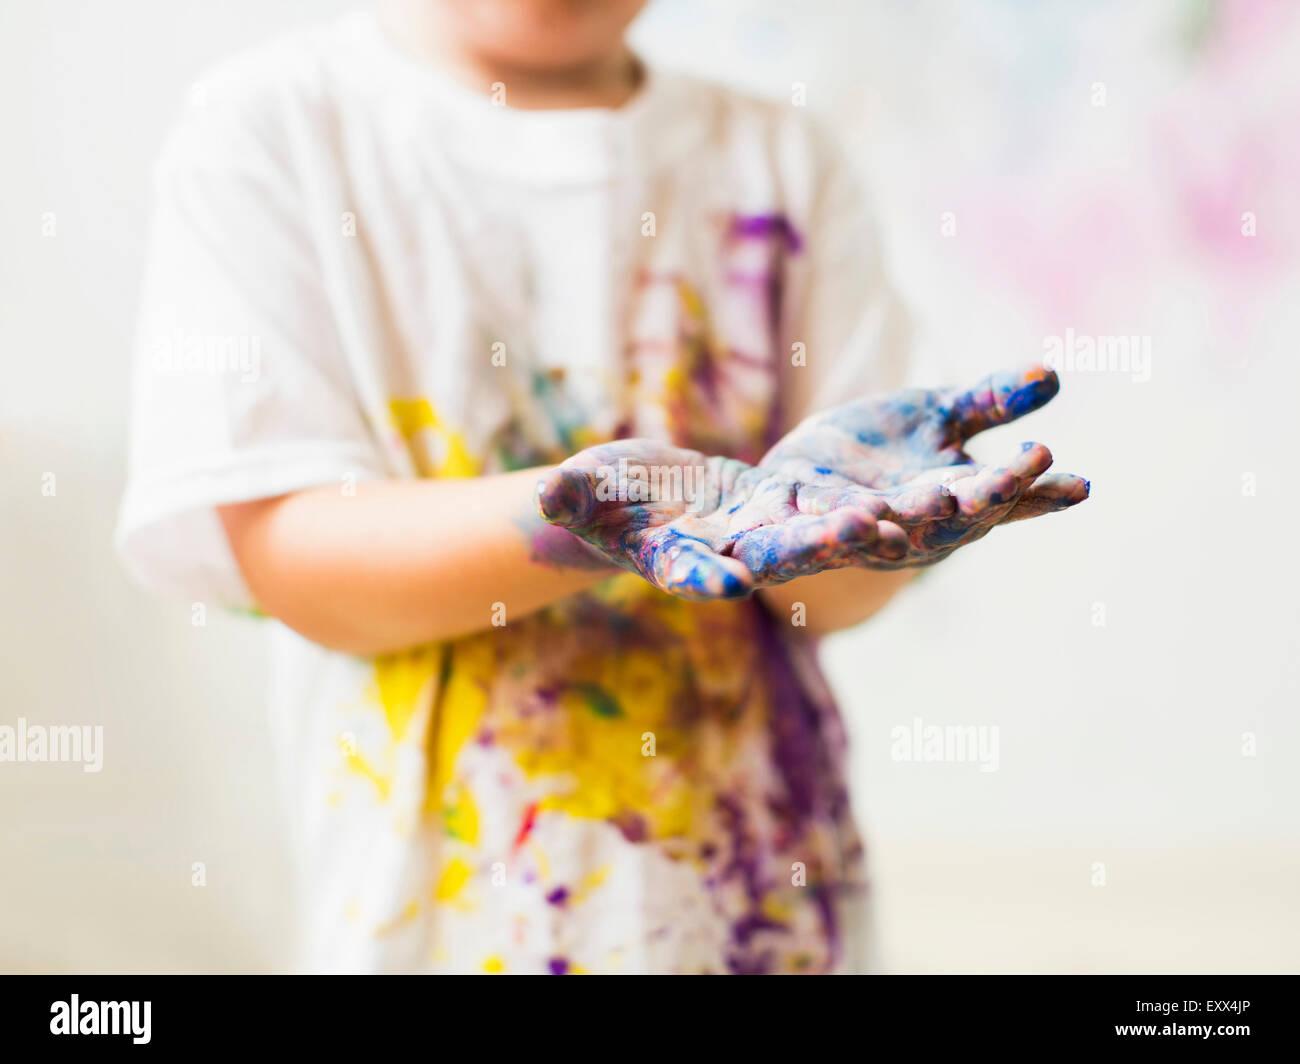 Jungen (2-3) zeigt die Hände in Farbe Stockbild